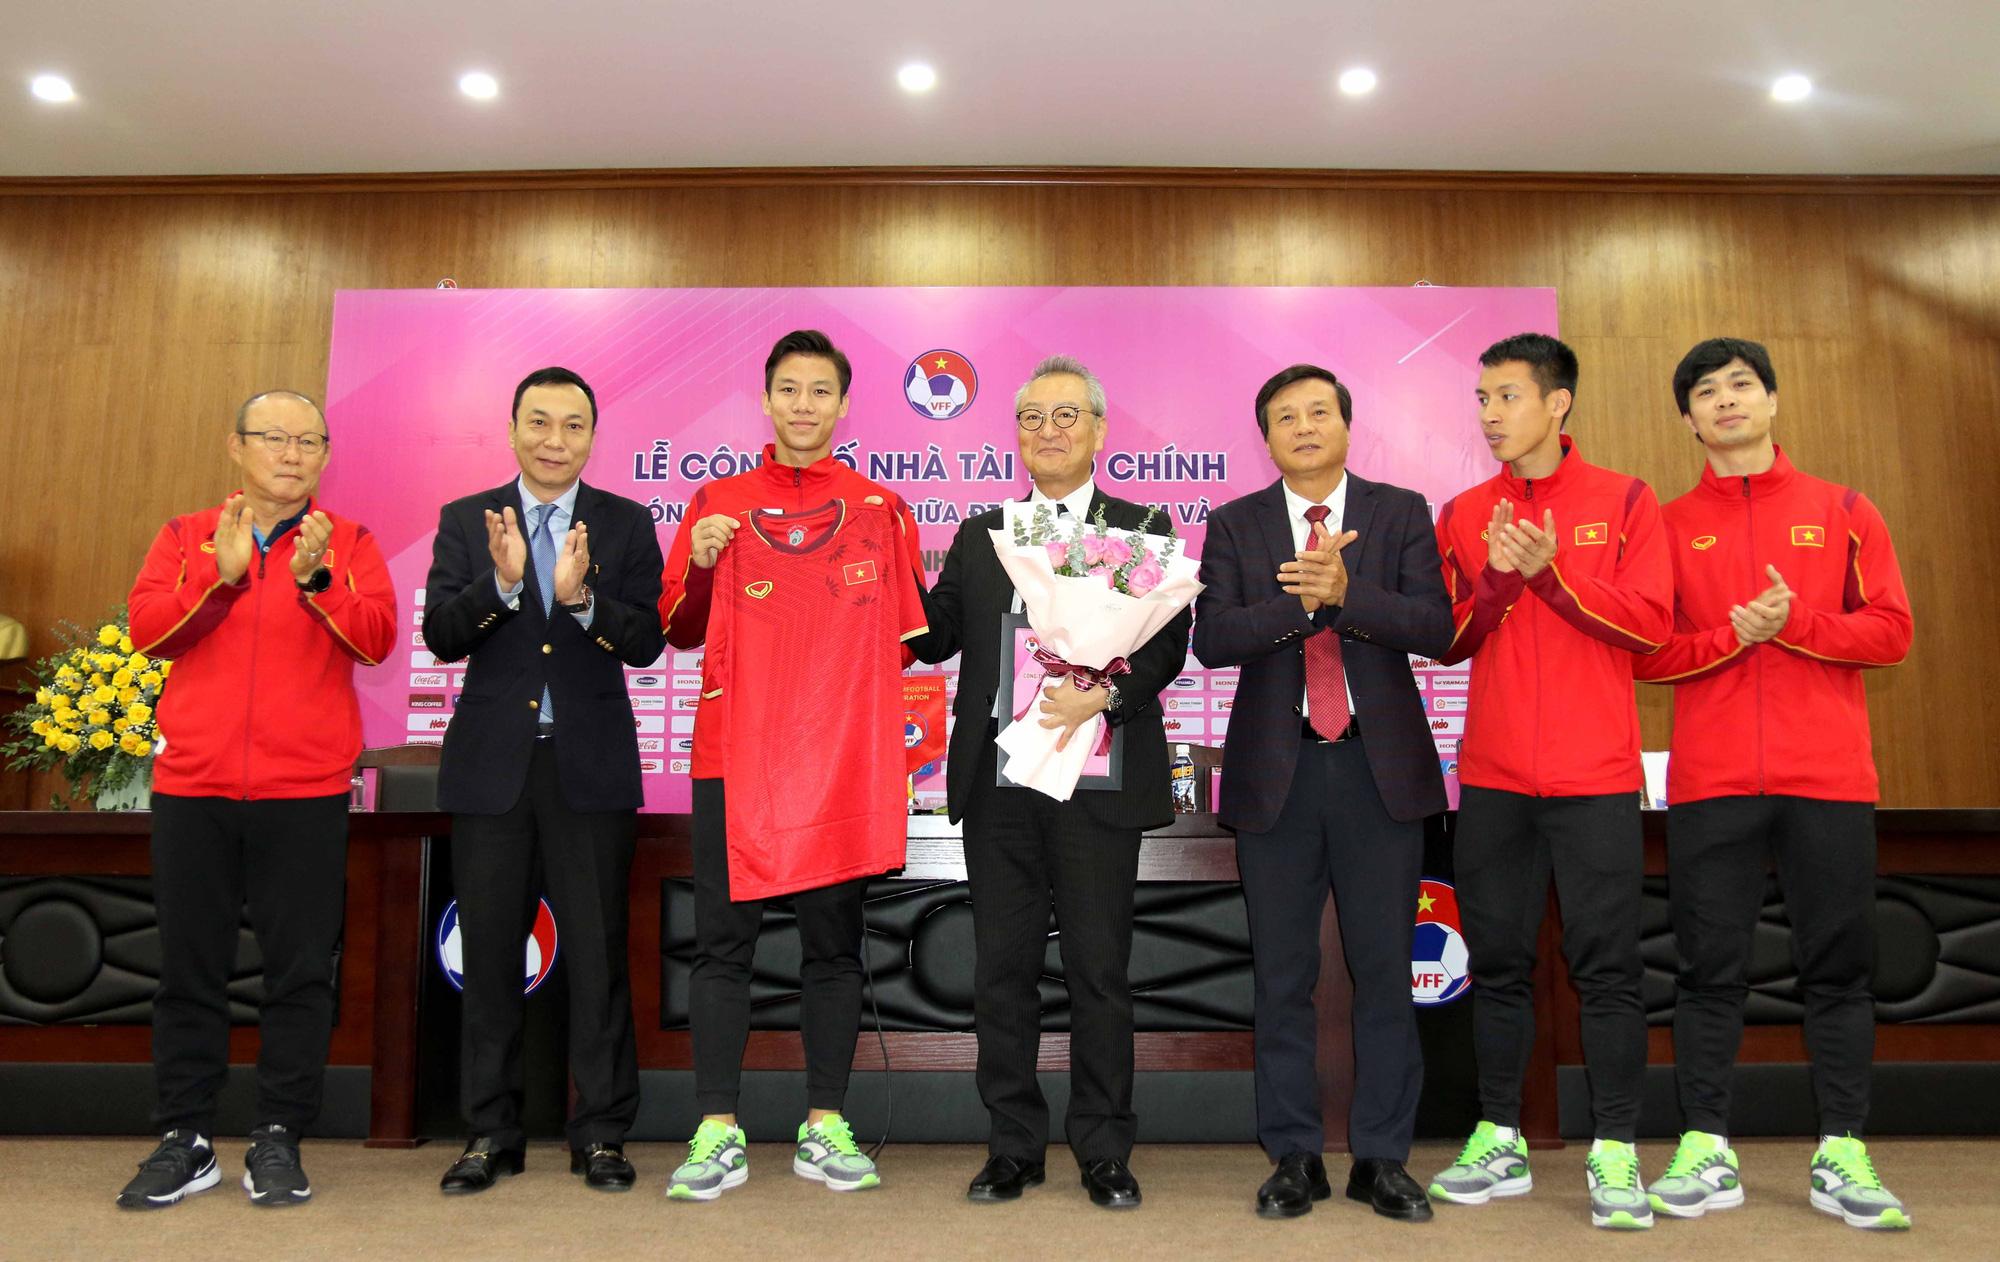 HLV Park Hang-seo cùng các họ trò trao tặng áo thi đấu của ĐT Việt Nam cho đại diện nhà tài trợ.